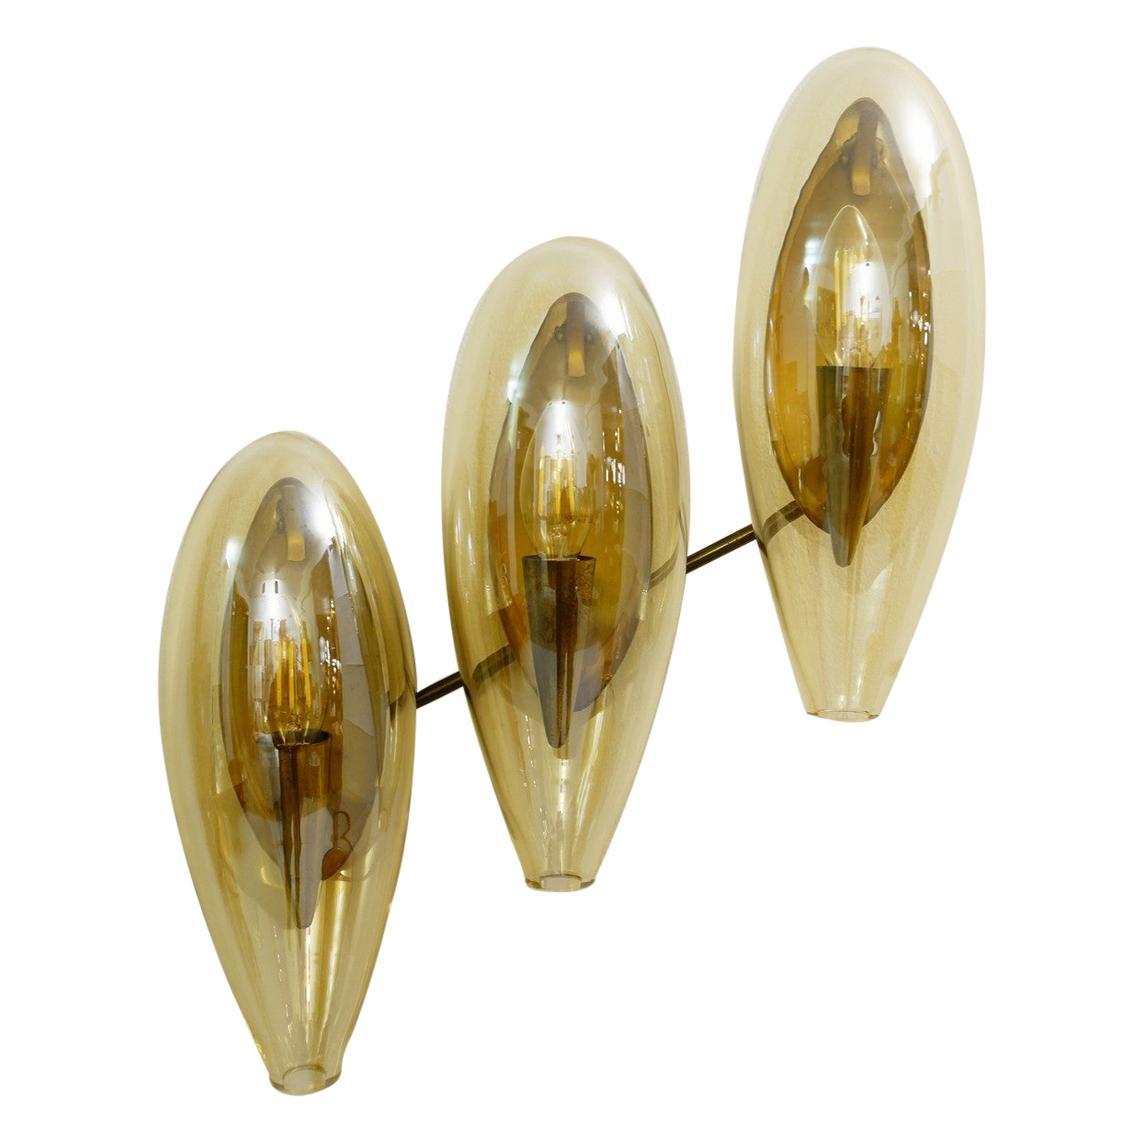 Italian Murano Smoked Glass Sconce